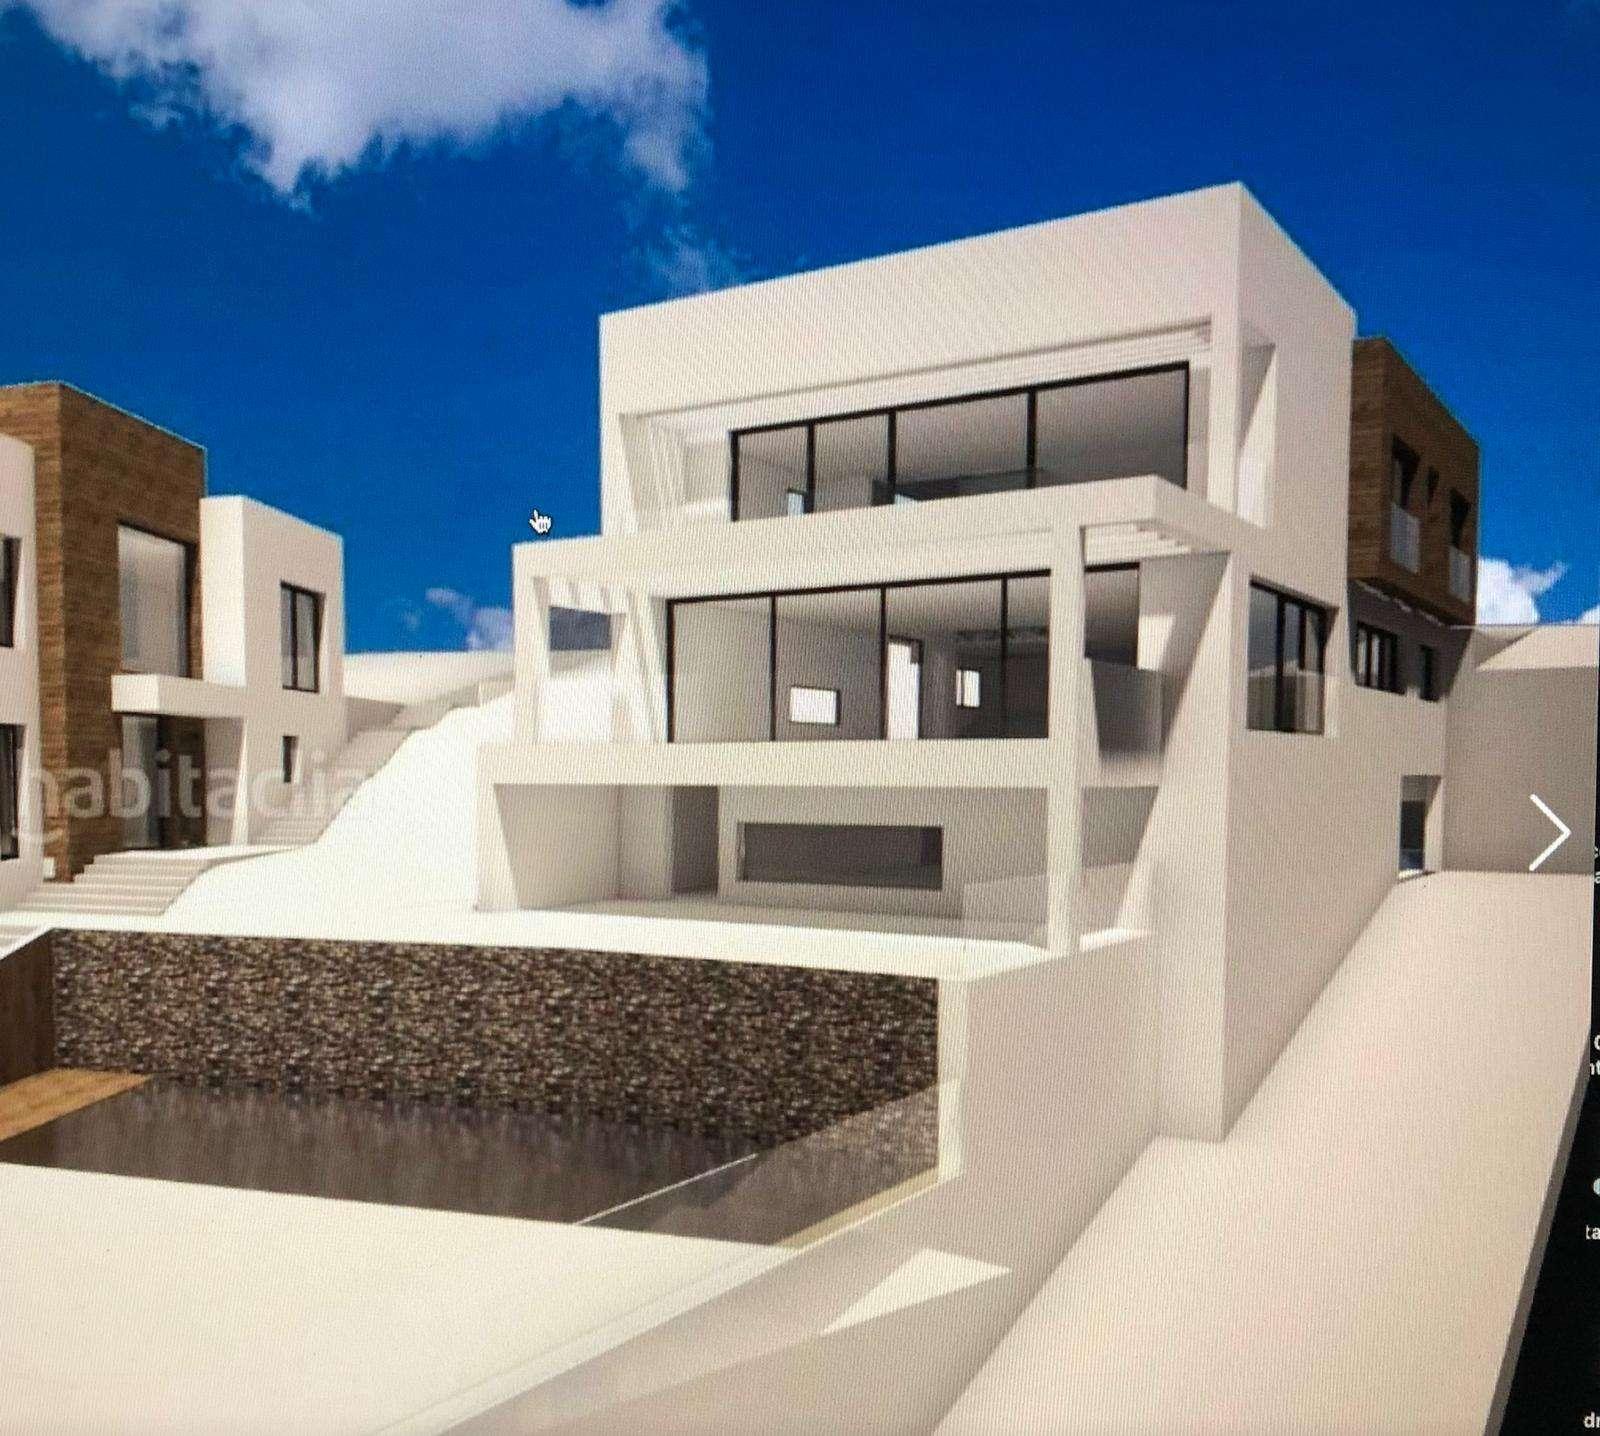 Земельный участок под строительство в Rat Penat, Castelldefels